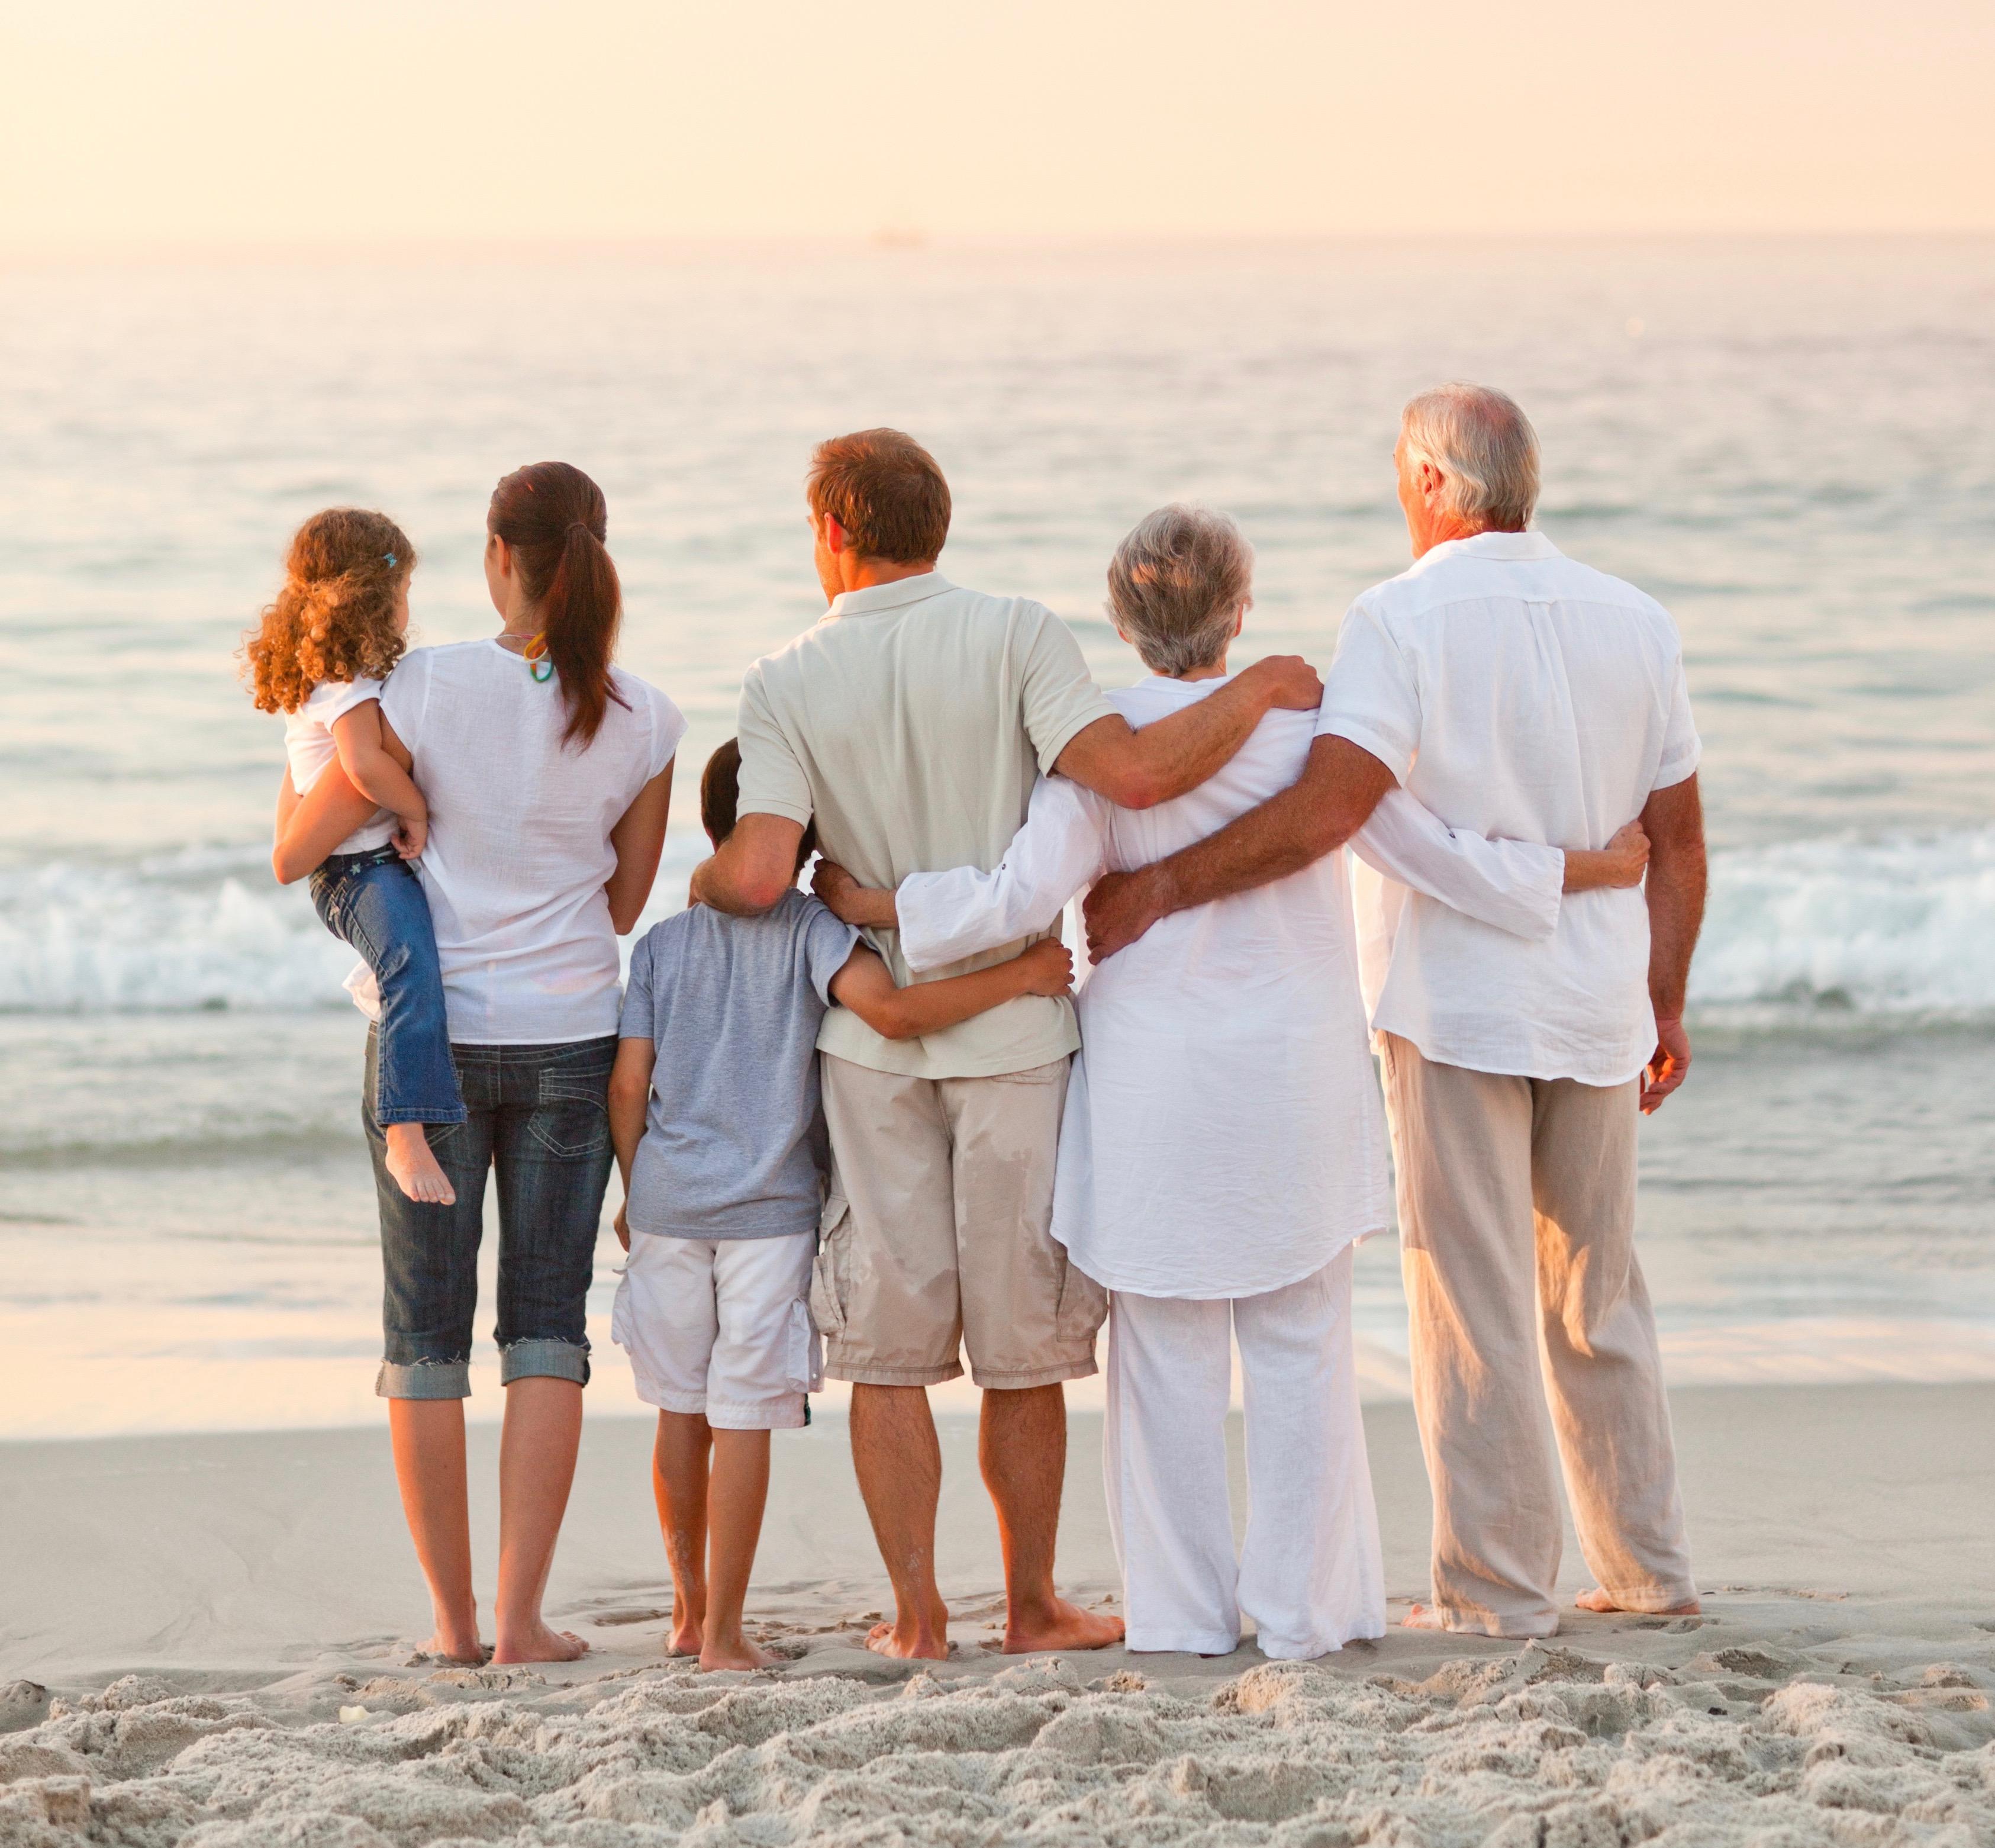 площади фото семьи со спины помощью